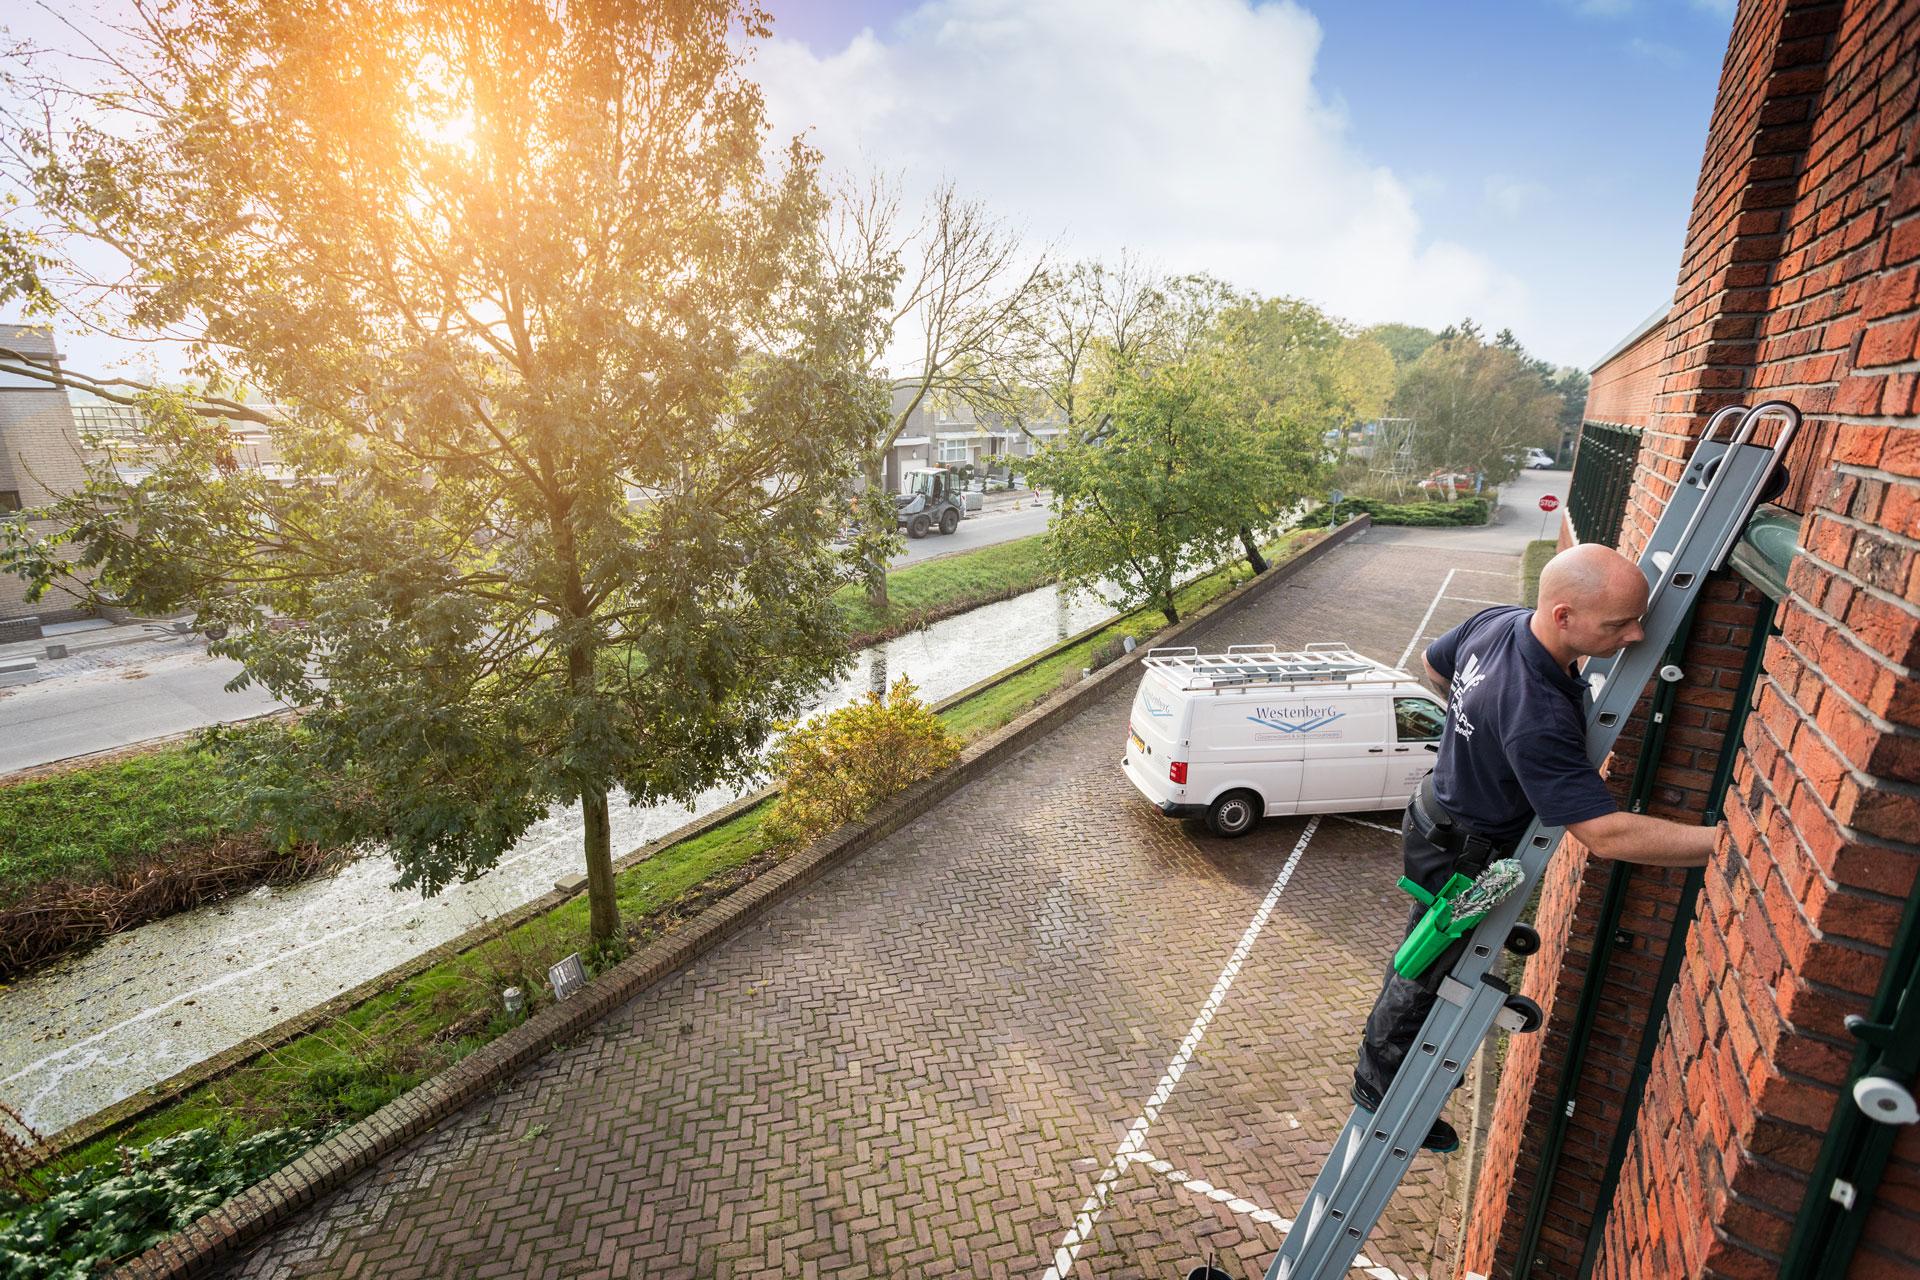 schoonmaakbedrijf den Haag, glazenwasser den Haag